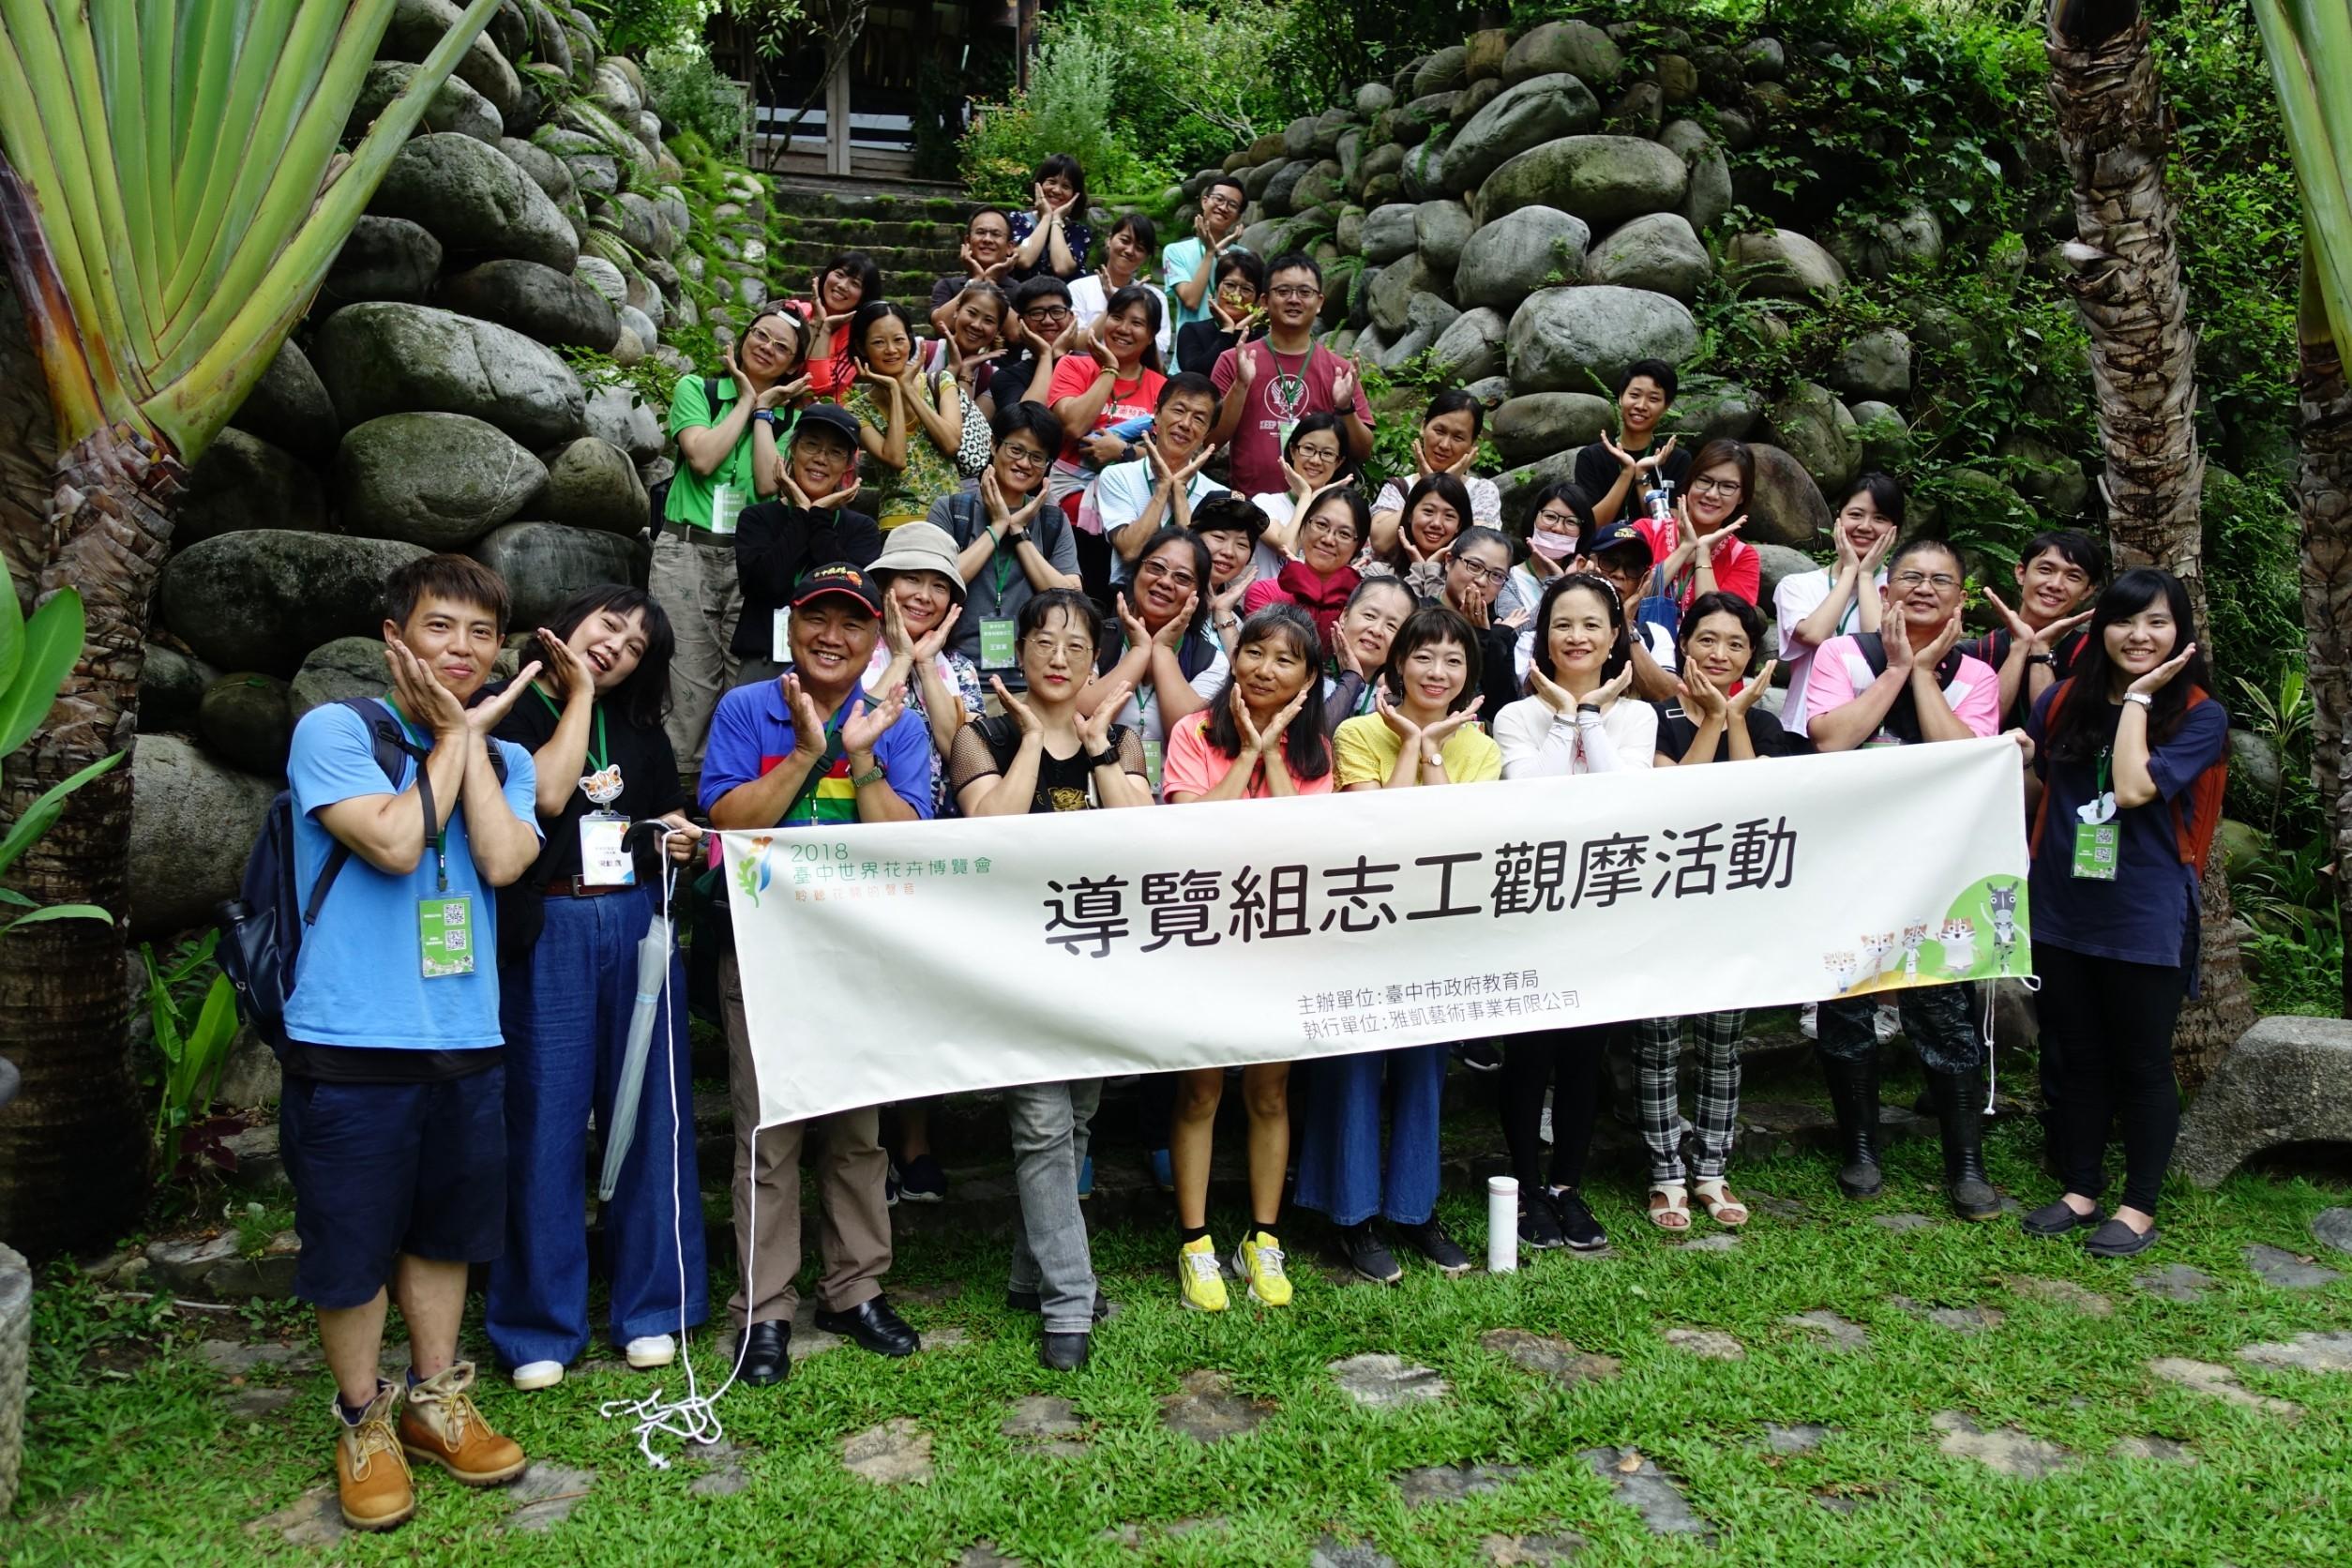 台中花博導覽志工 16歲高中生也熱情參與